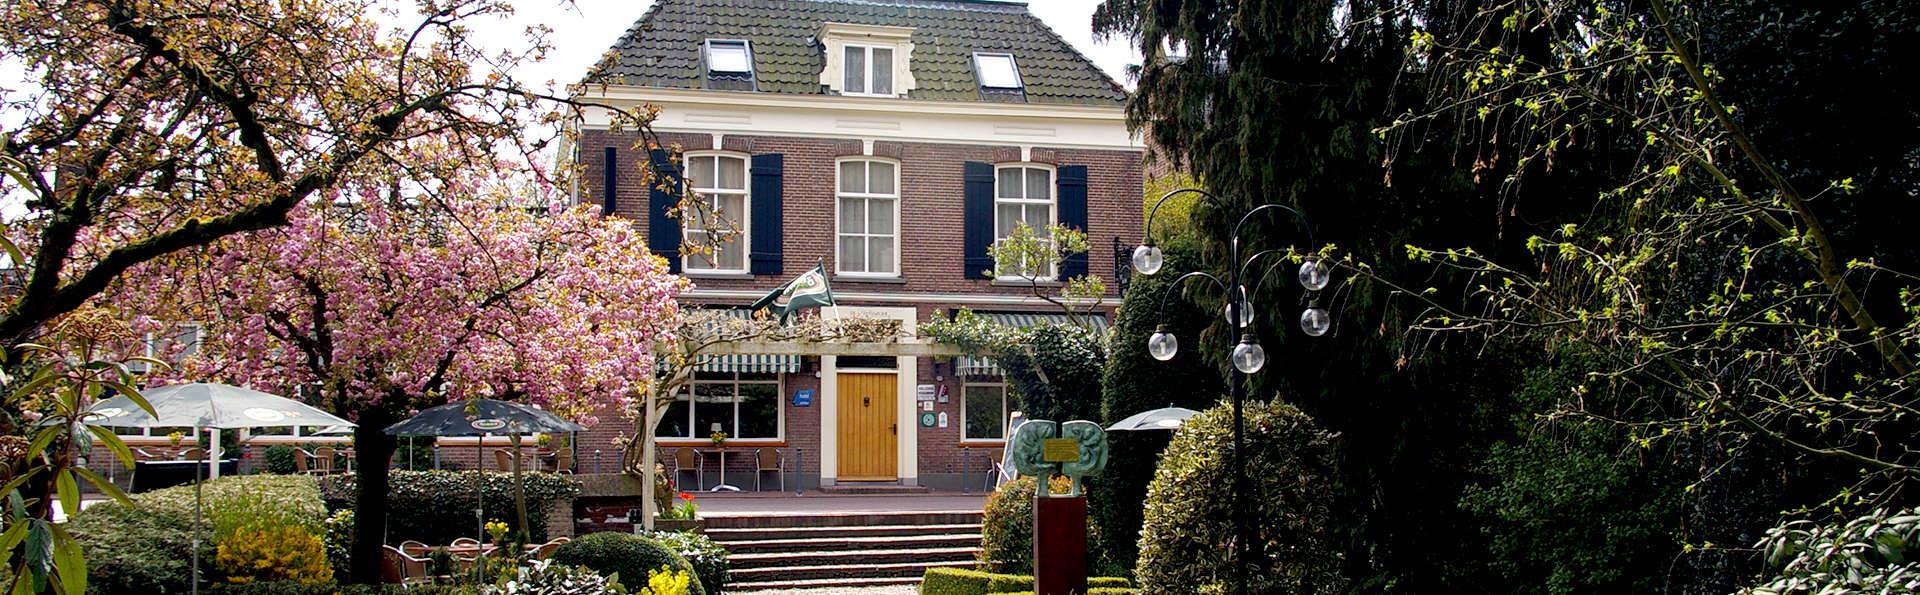 Landhotel De Hoofdige Boer - Edit_Front.jpg